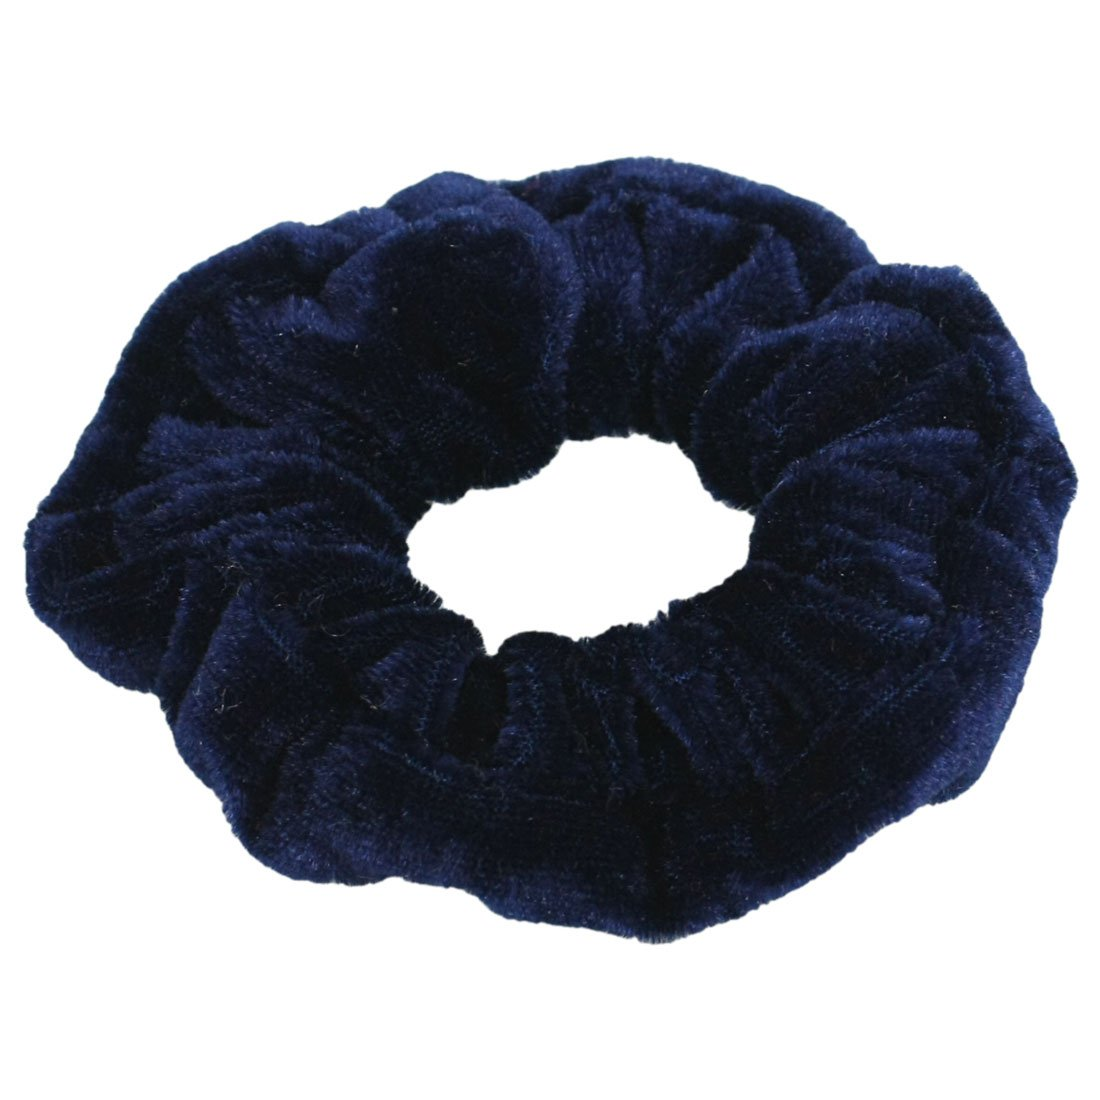 Darkblue Velvet Elastic Hair Tie Band Ponytail Holder for Women